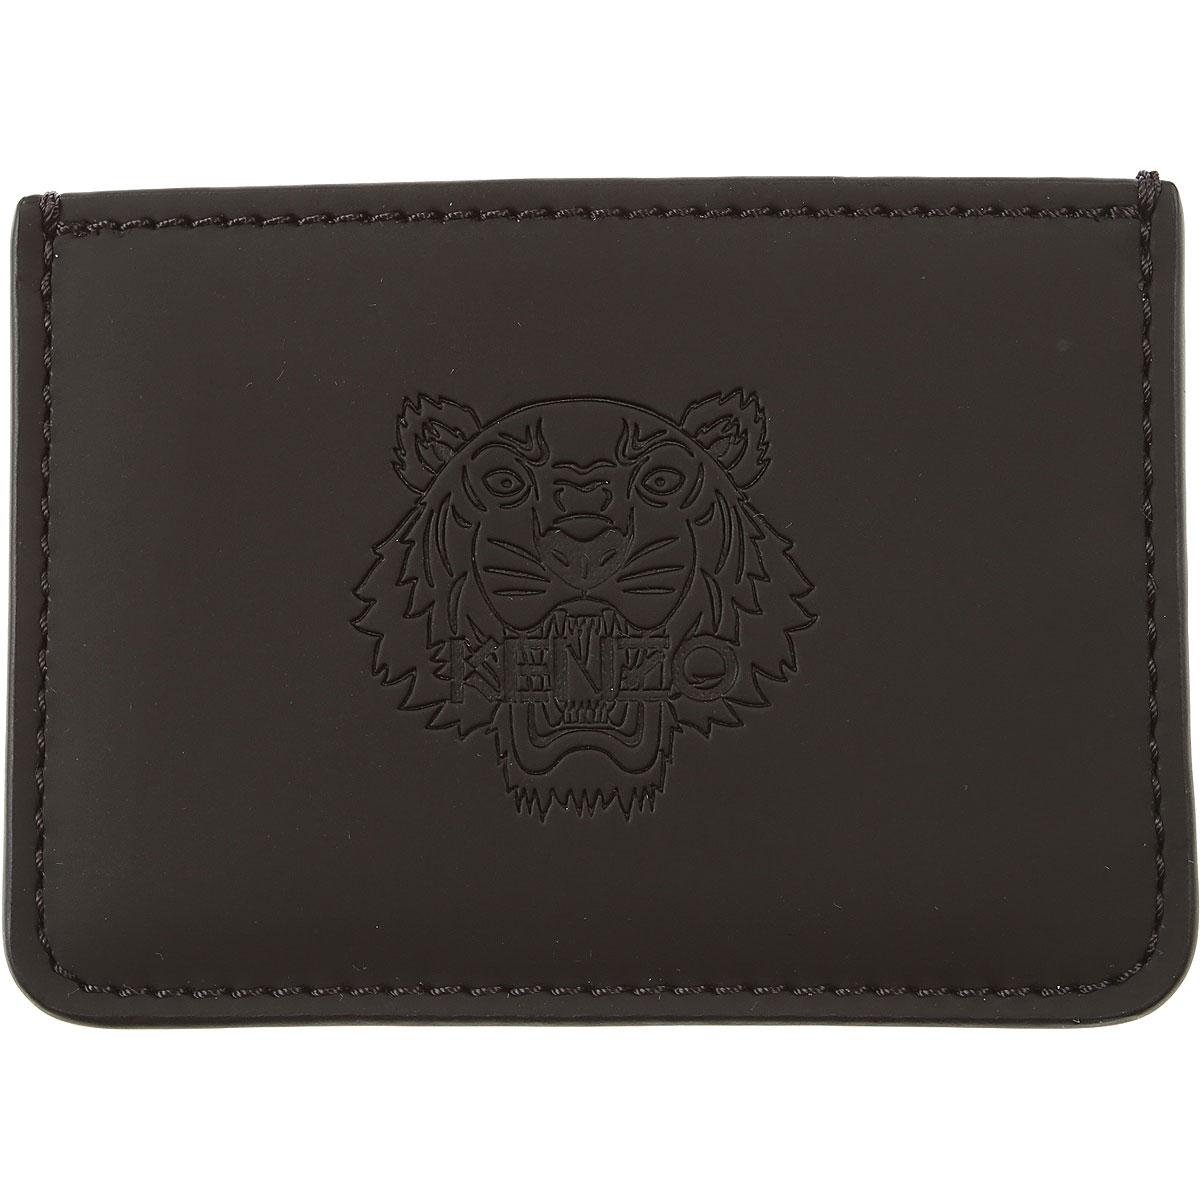 Kenzo Card Holder for Men, Black, Leather, 2019